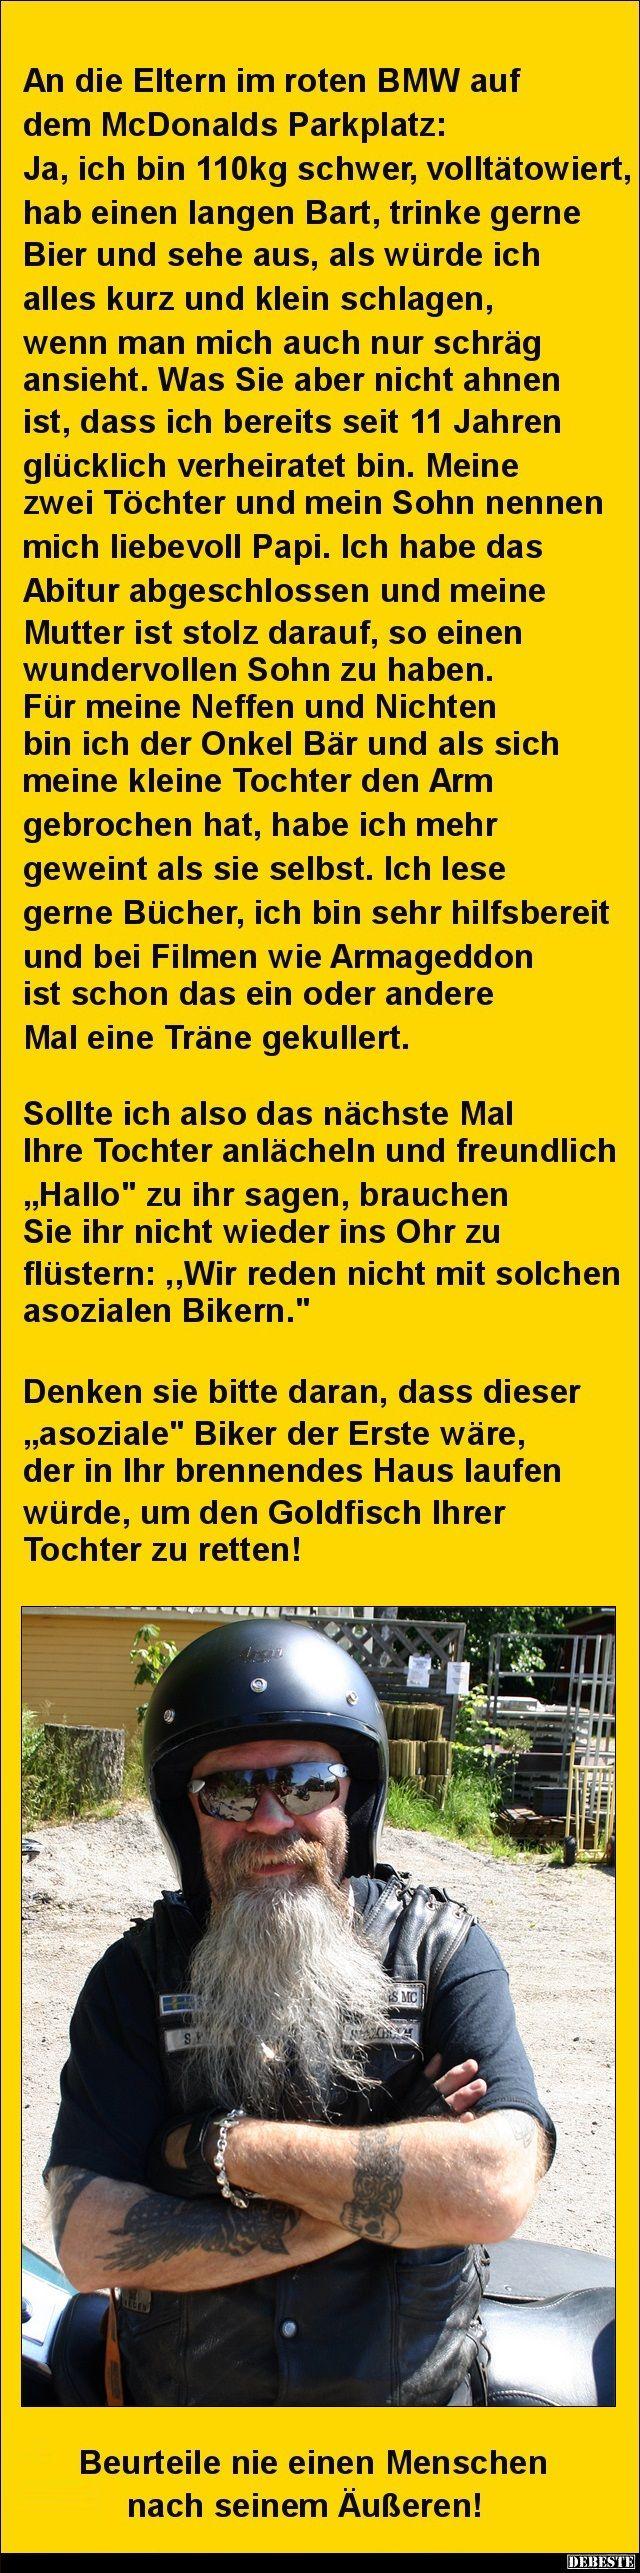 http://debeste.de/2691/An-die-Eltern-im-roten-BMW-auf-dem-McDonalds-Parkplatz